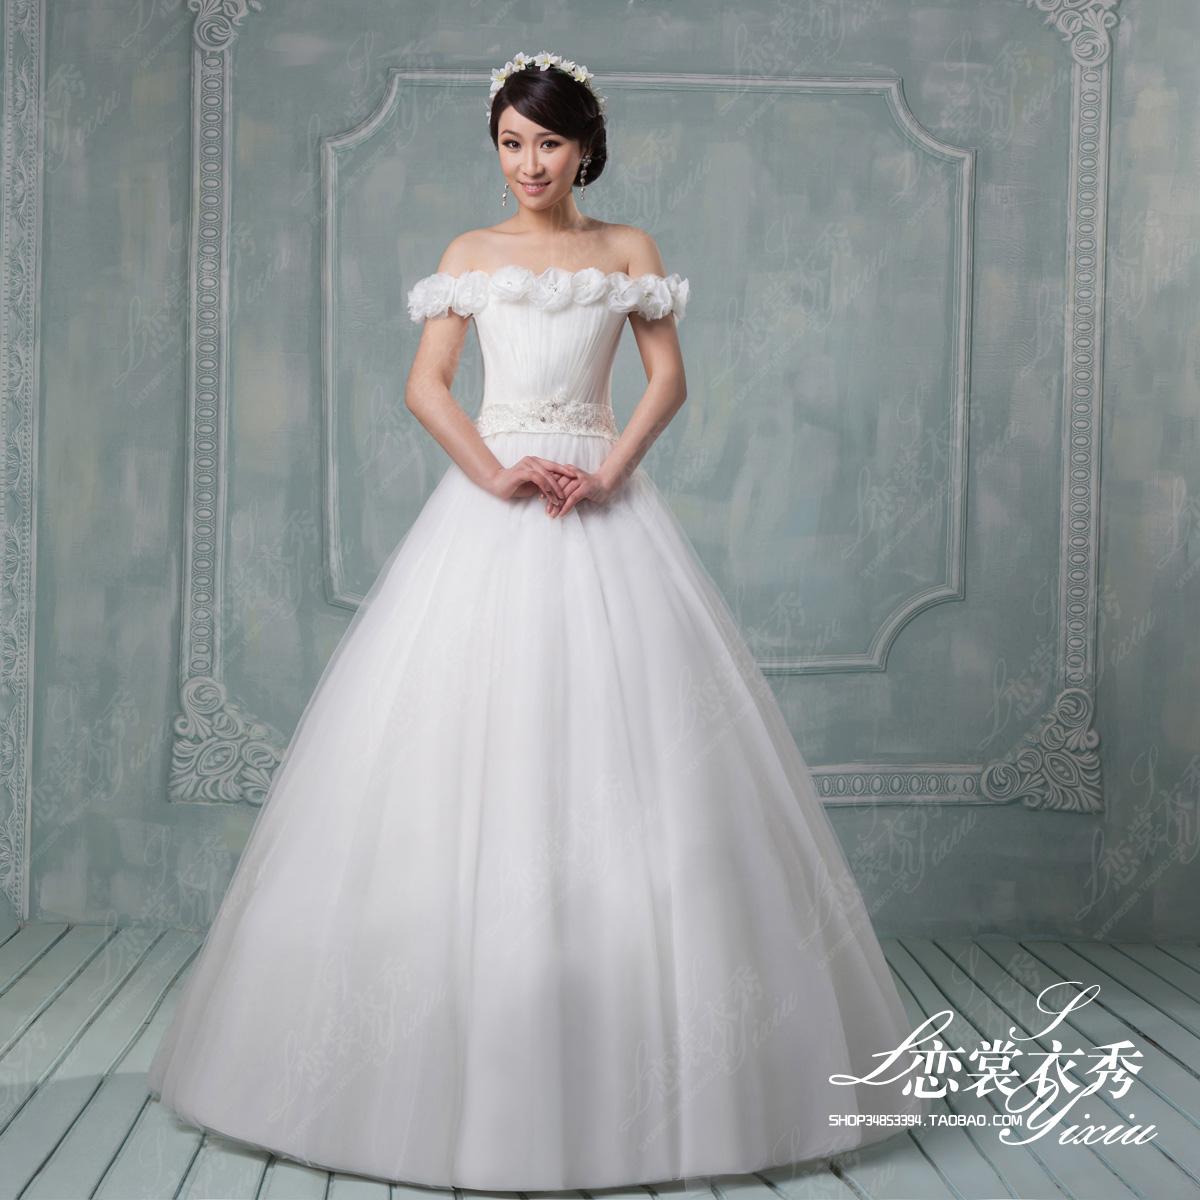 Свадебное платье Lianchangyixiu hsa121 2013